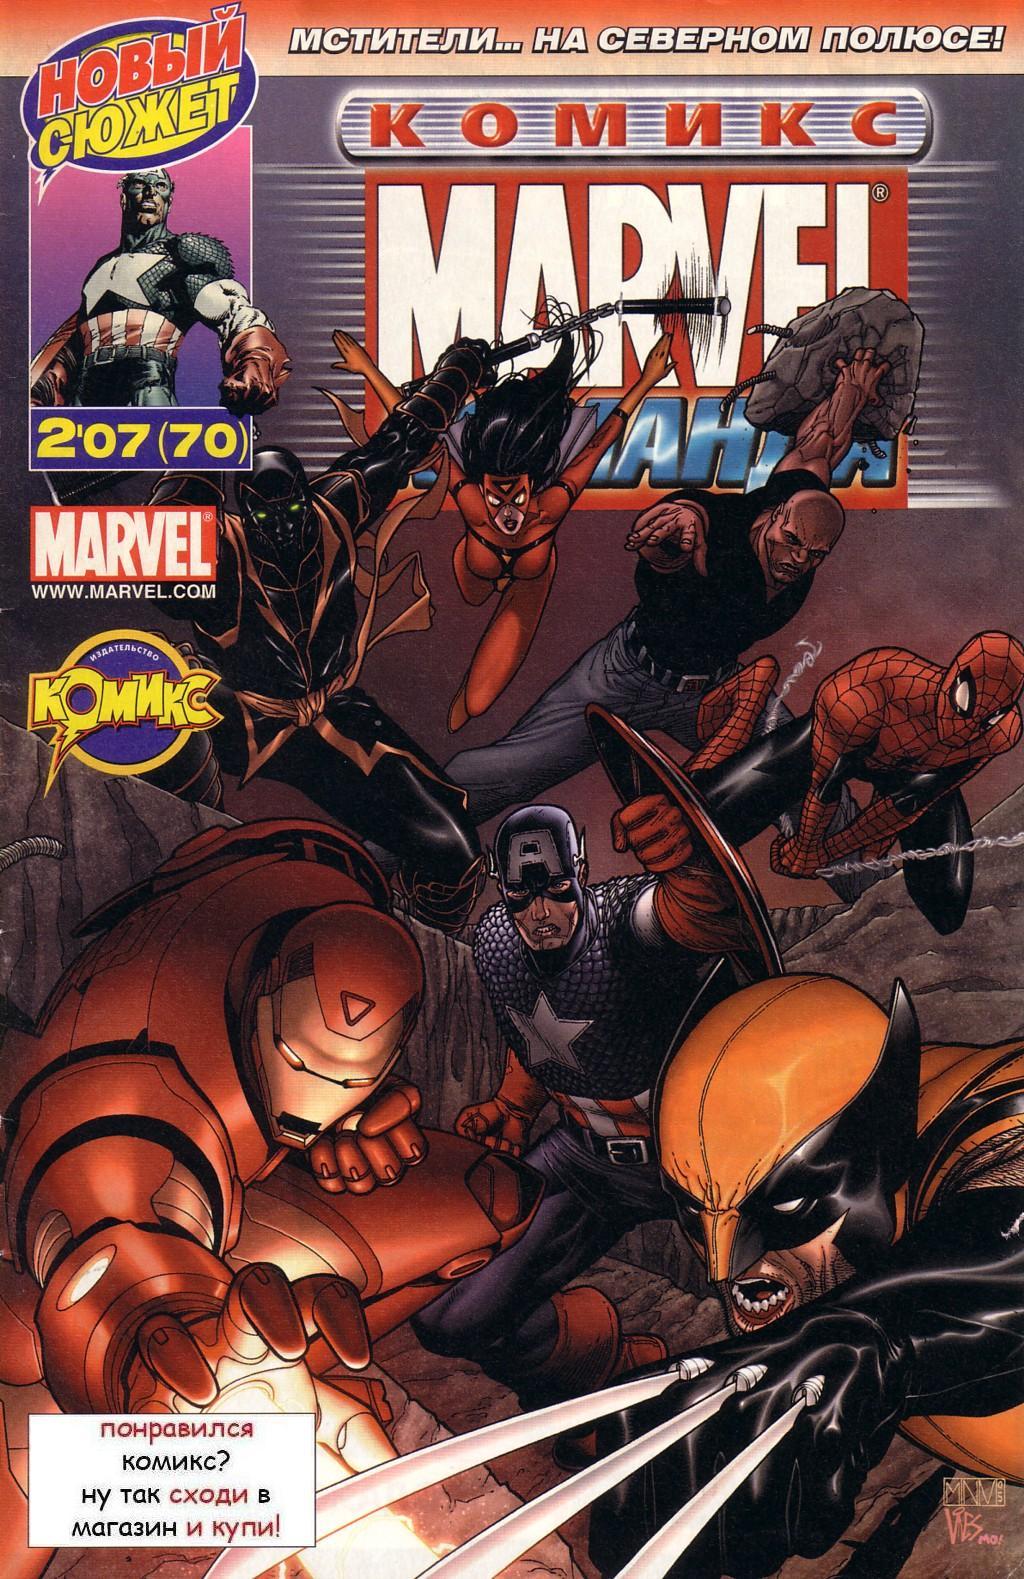 Комиксы Онлайн - Марвел Команда ИДК - # 16 - Страница №1 - Marvel Команда ИДК - Marvel Команда # 70